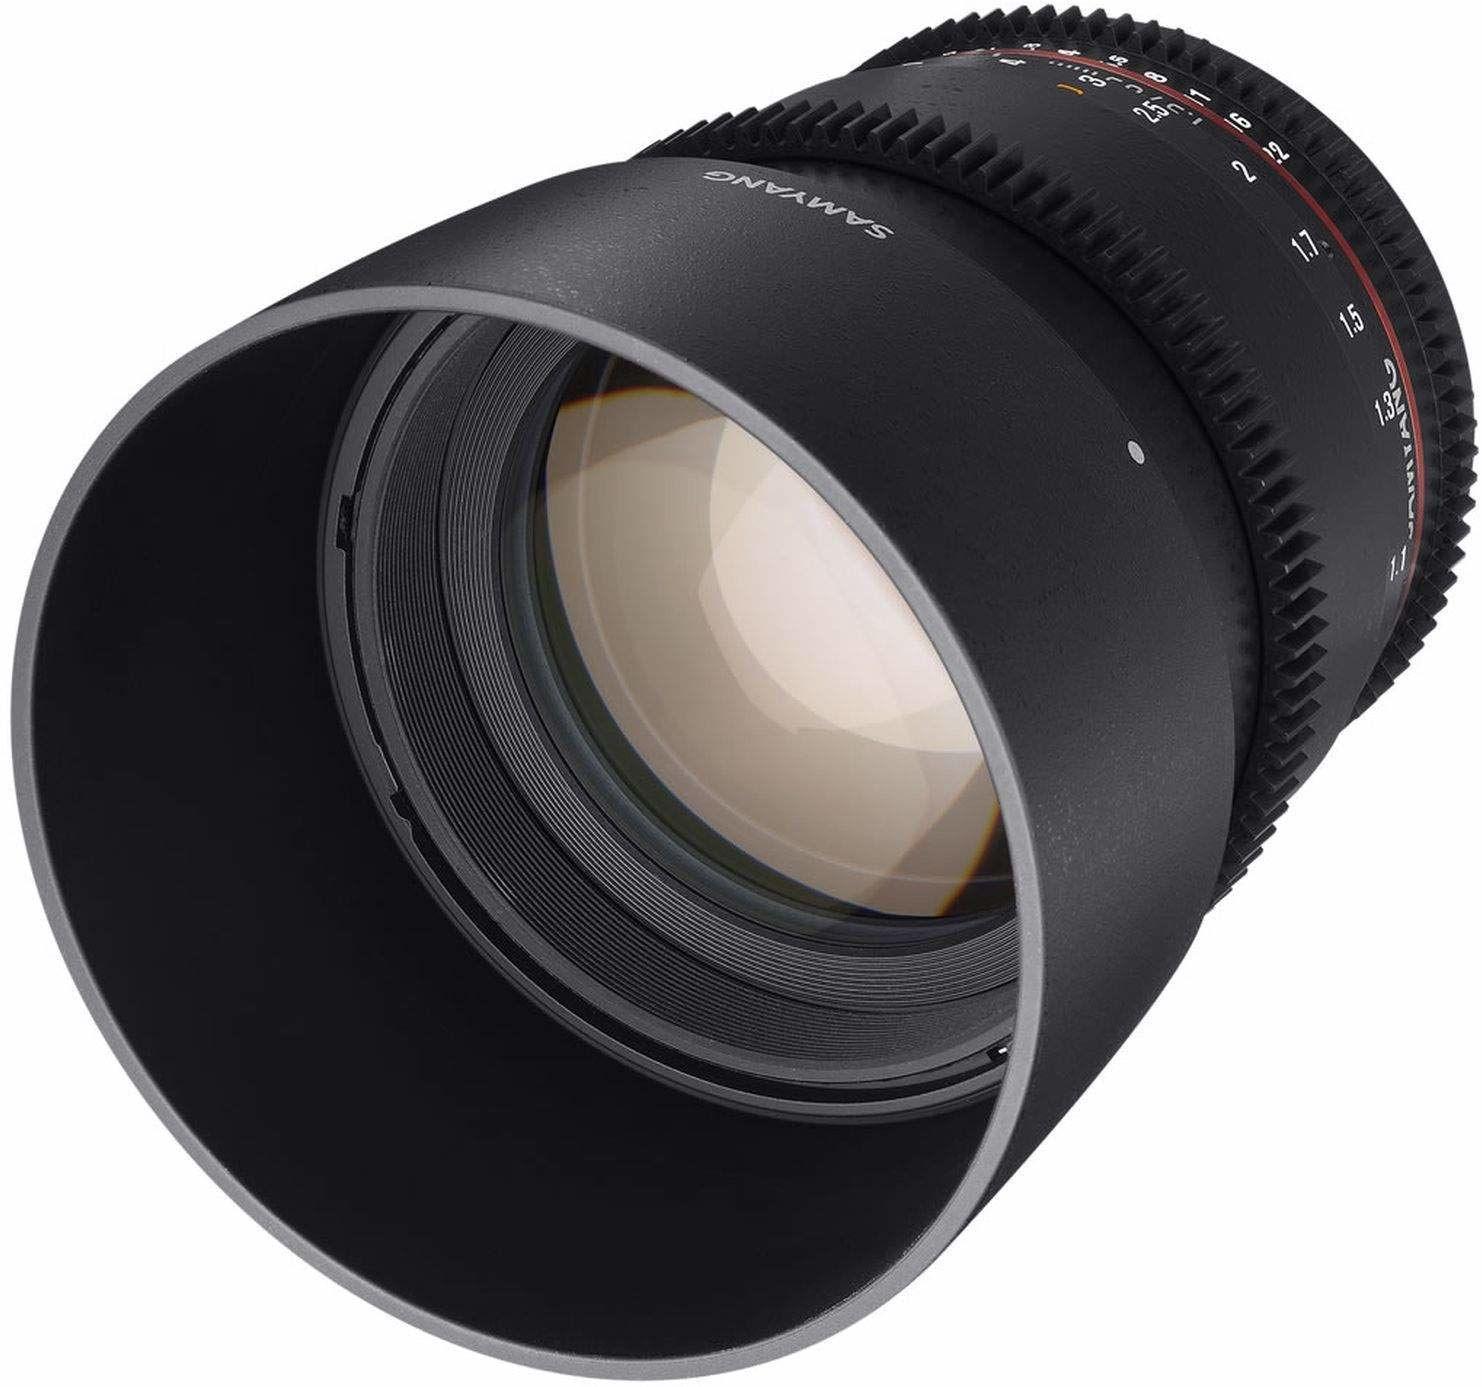 Samyang 85/1,5 obiektyw wideo DSLR II Nikon F ręczny obiektyw ogniskowy 0,8 zębatka Gear, obiektyw portretowy, czarny